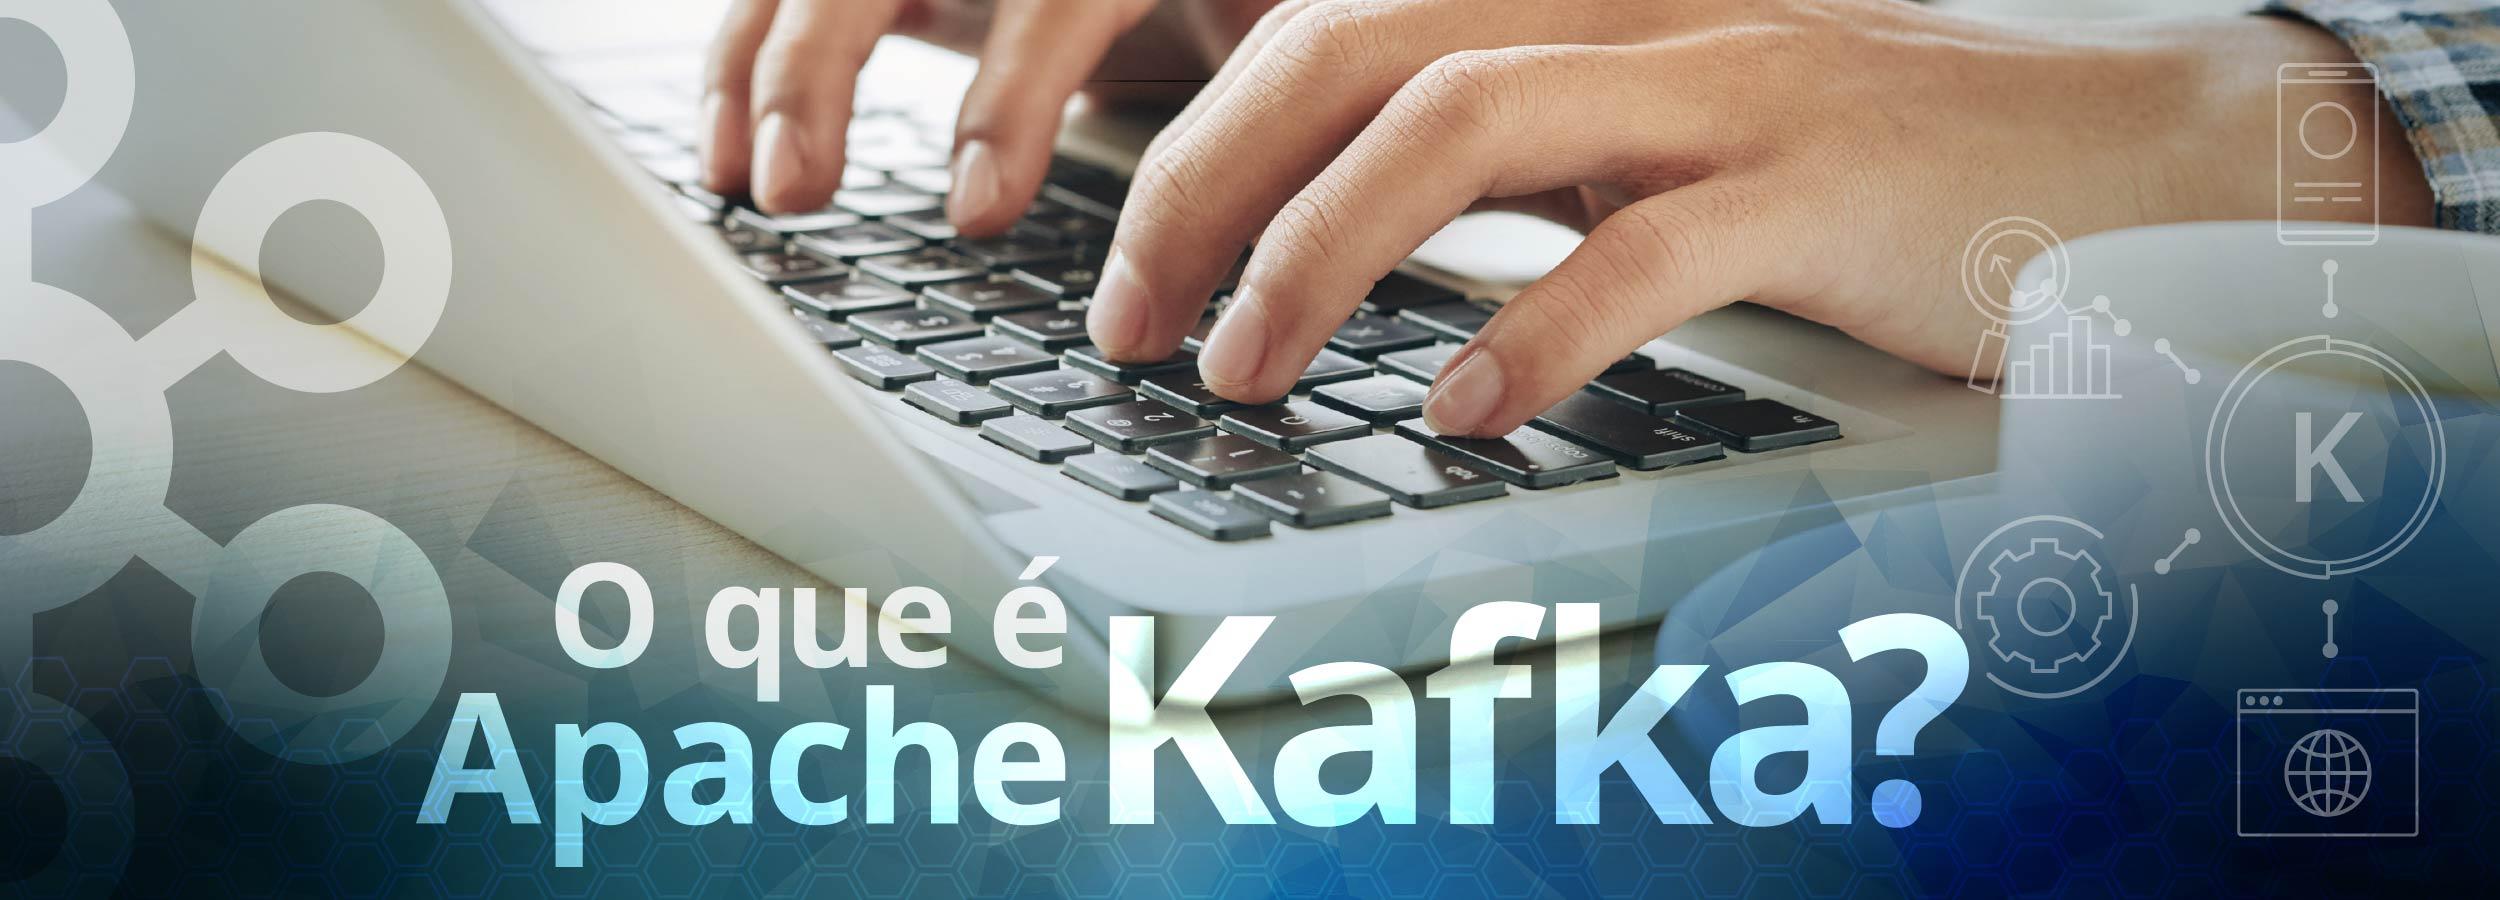 O que é Apache Kafka?